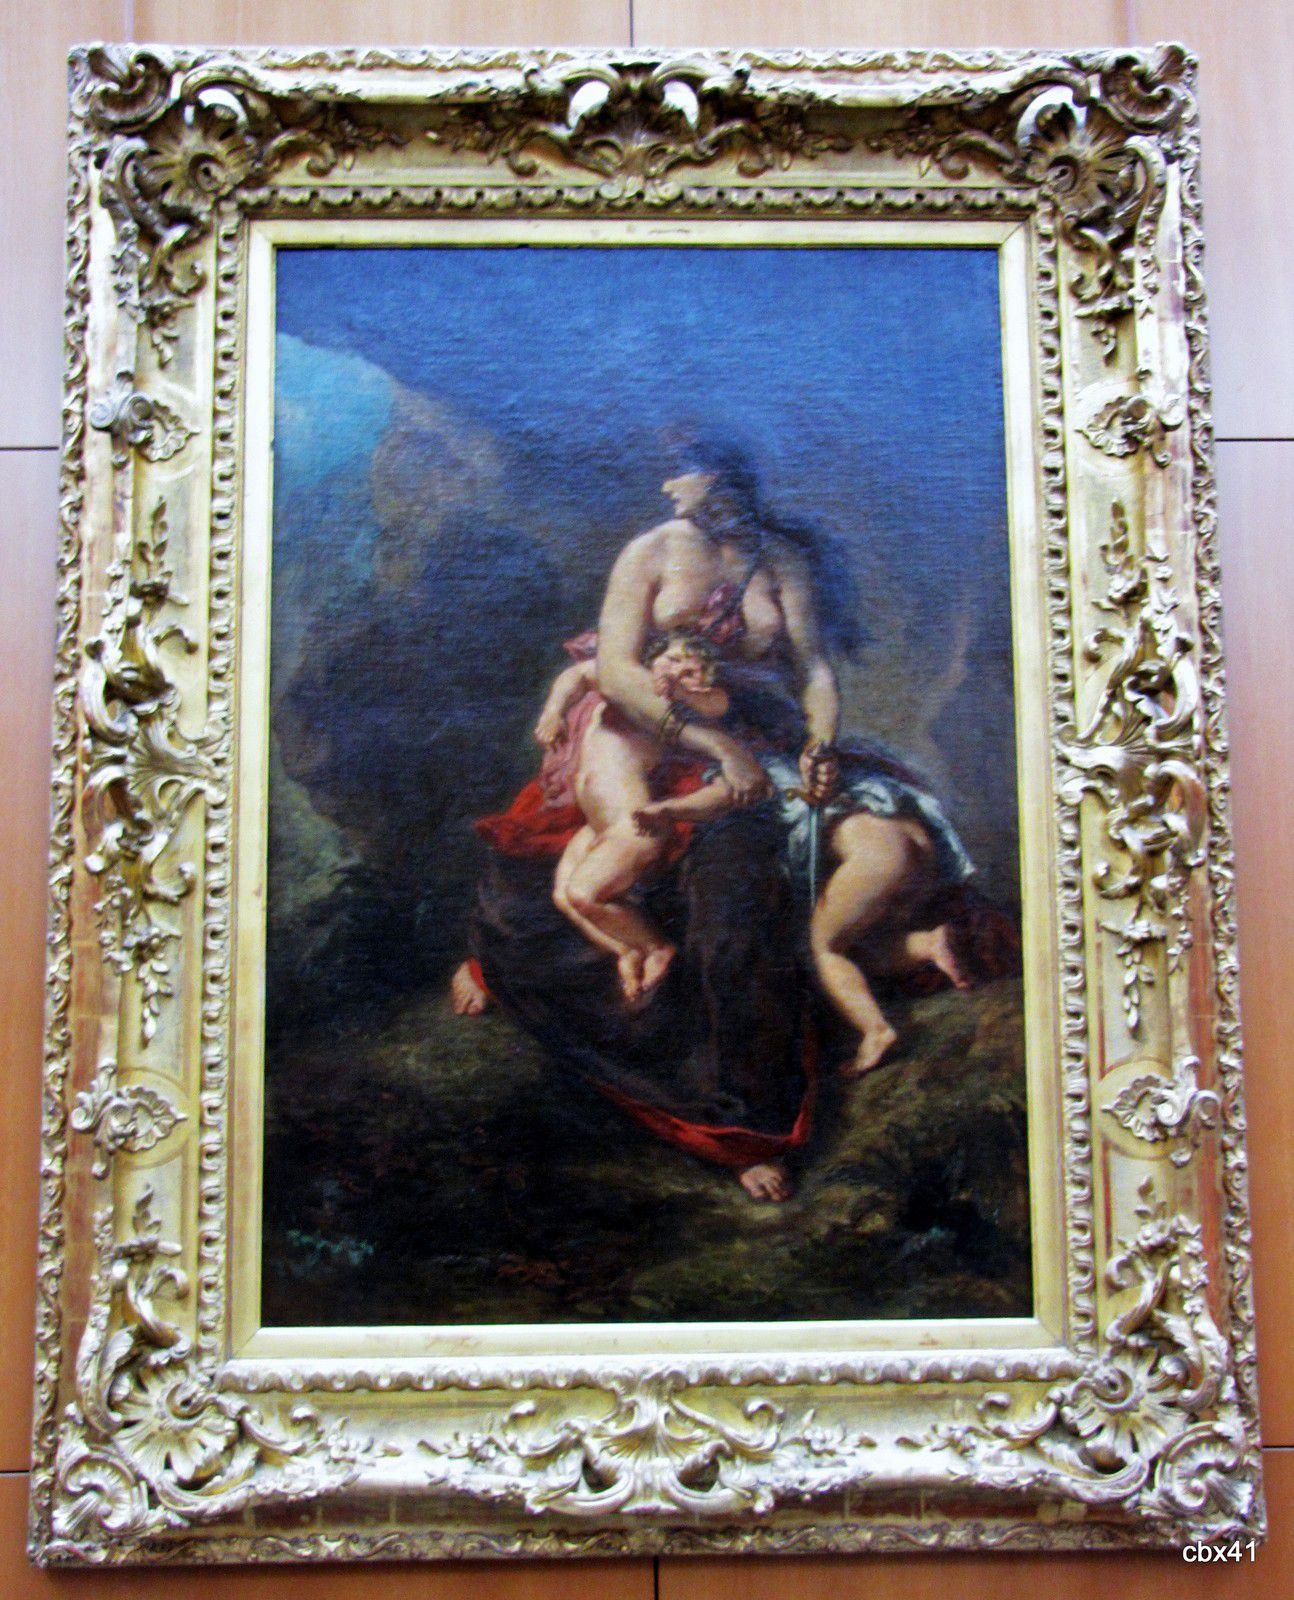 Eugène Delacroix, Médée furieuse